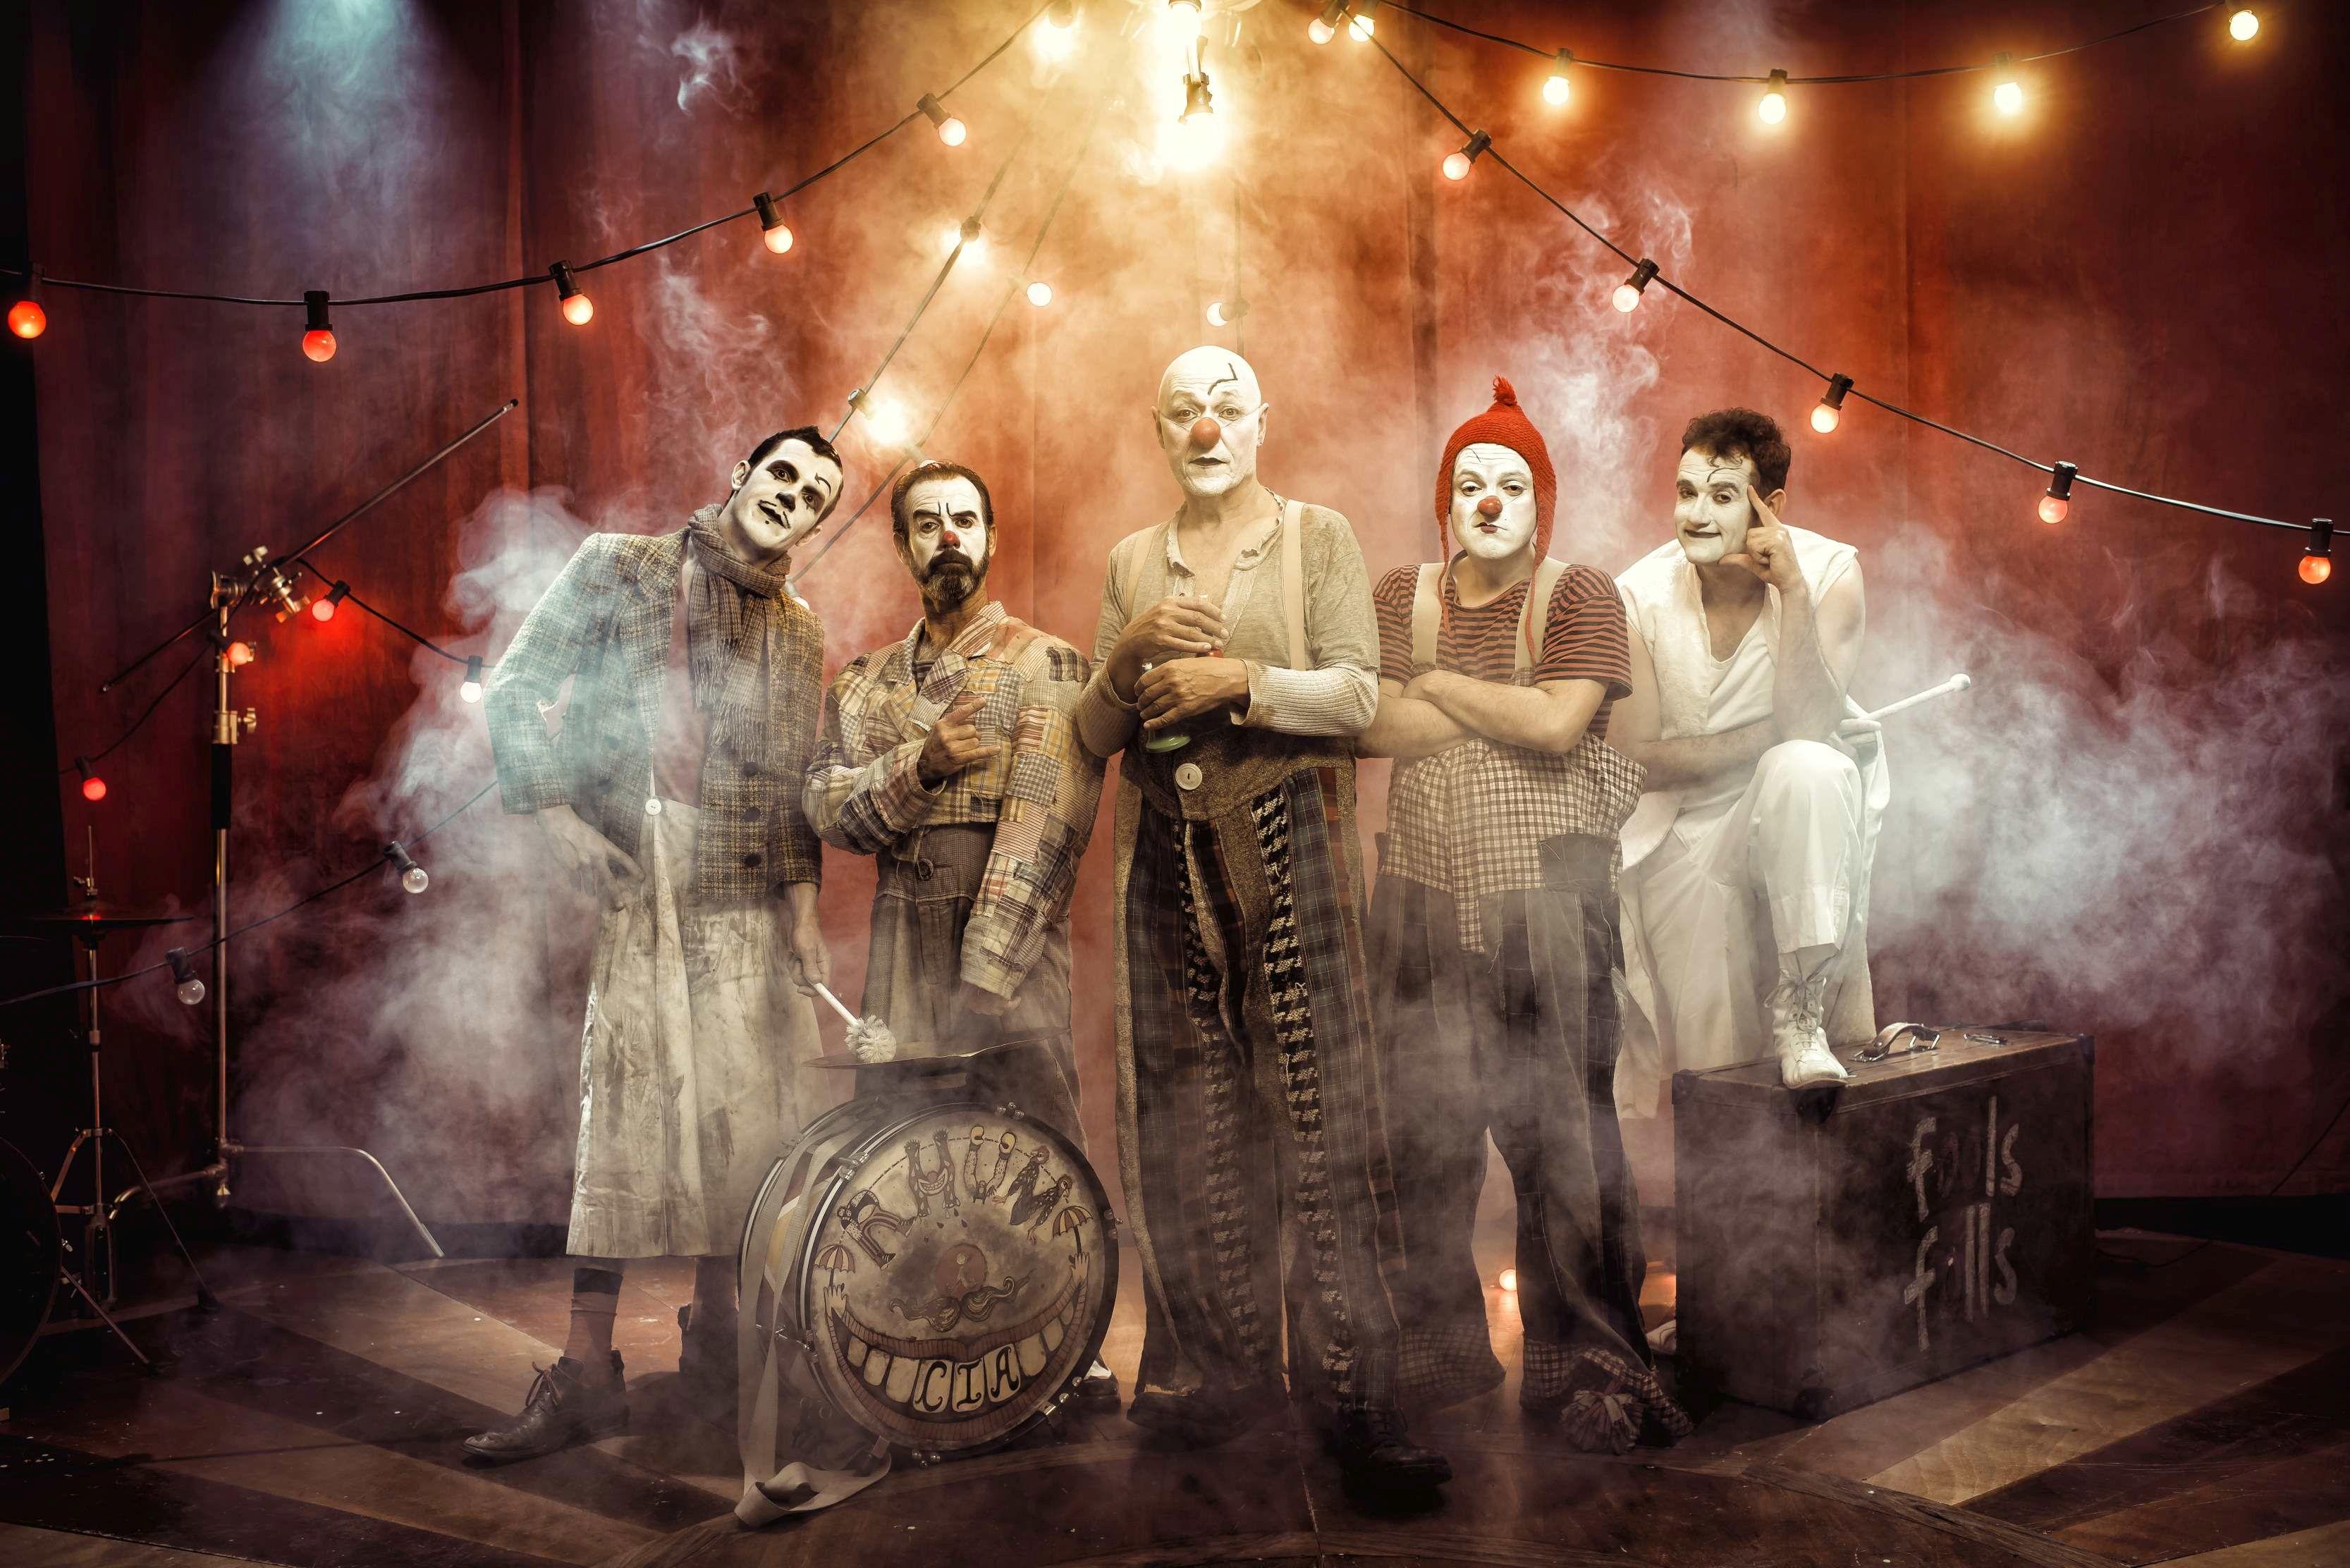 El Teatro Alhambra programa dos sesiones matinales de la obra 'Gran Reserva' de la compañía de clowns Rhum&cía